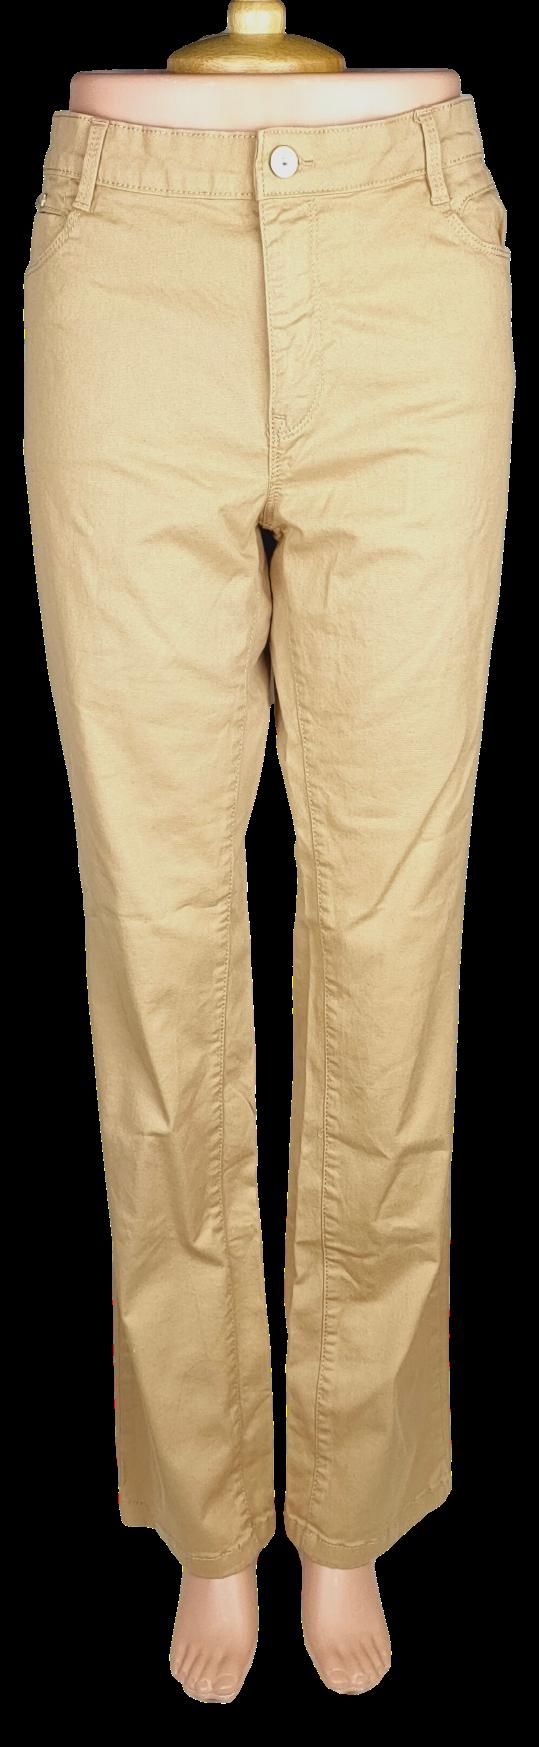 Pantalon Camaïeu - Taille 46